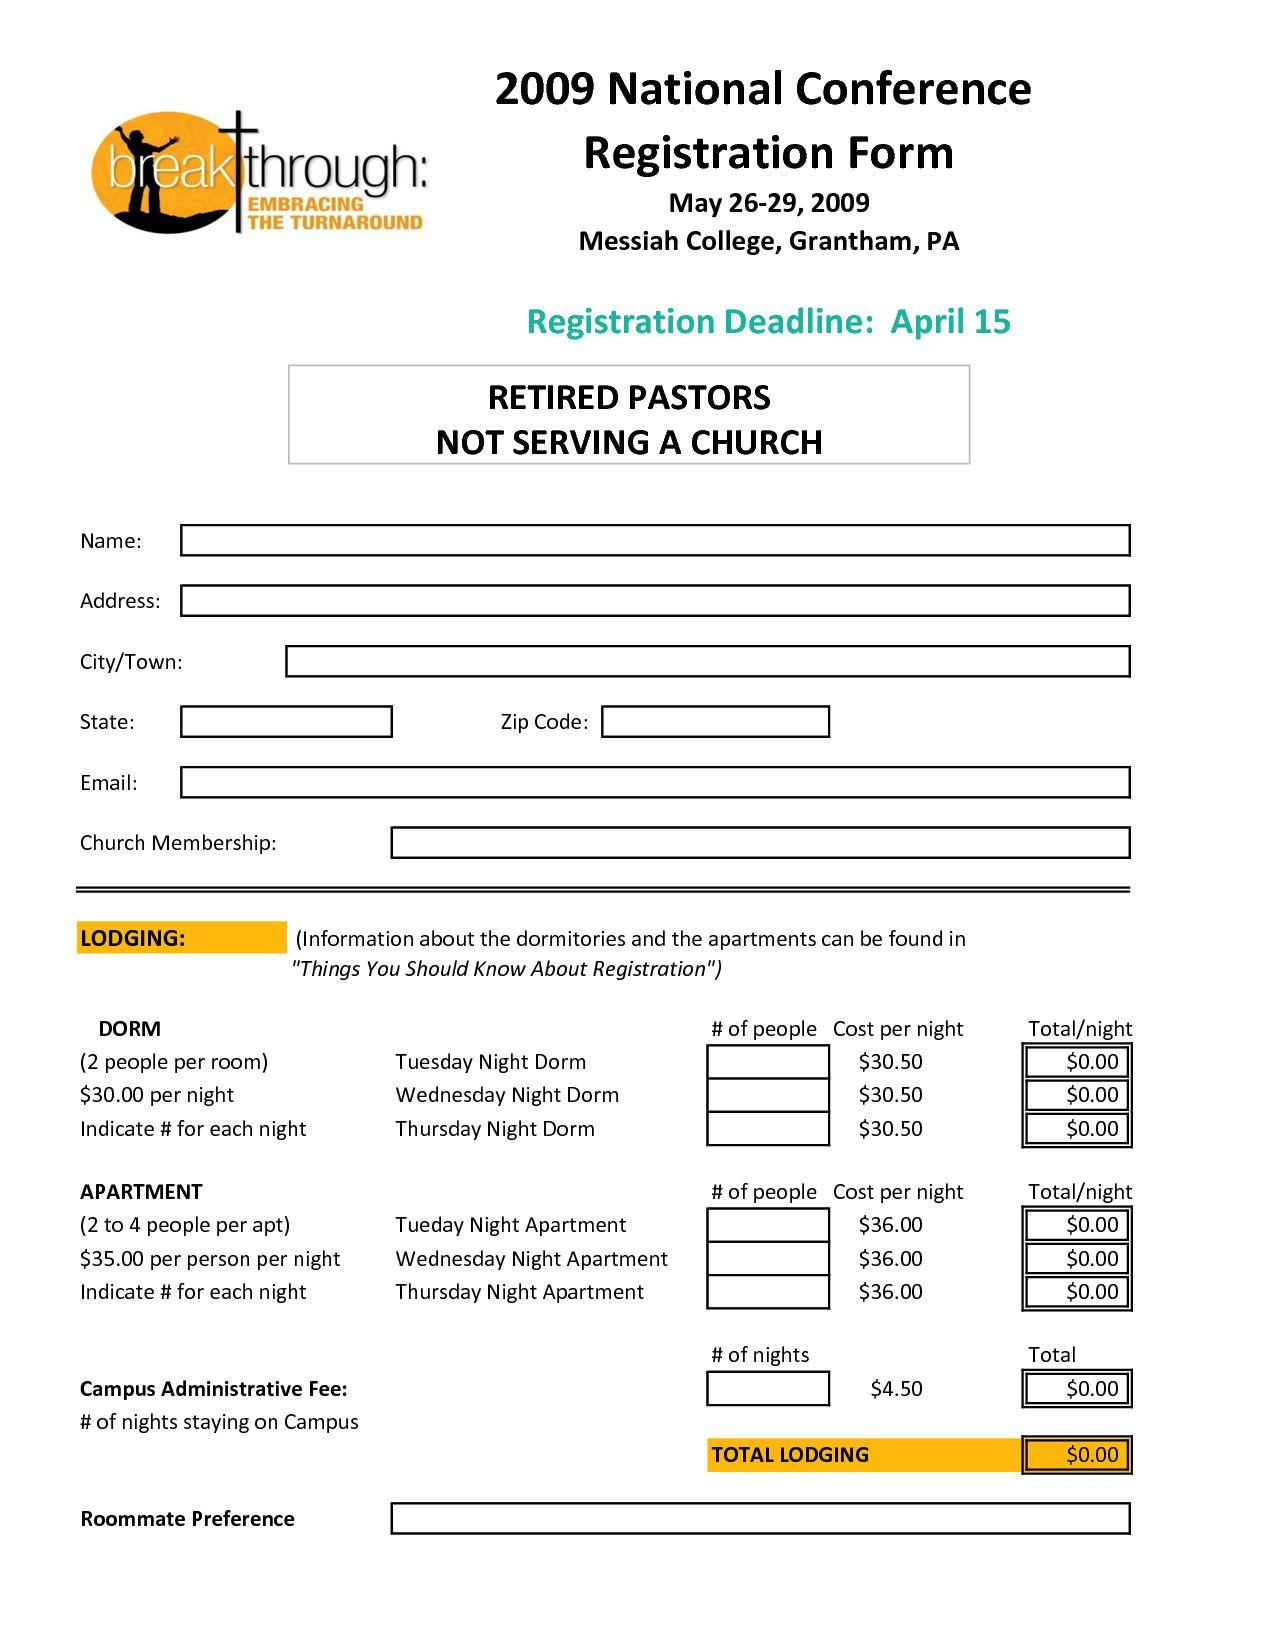 Registration Form Template Word Elegant Registration Form Template Of 37 Inspiring Registrati Registration Form Event Registration Business Template